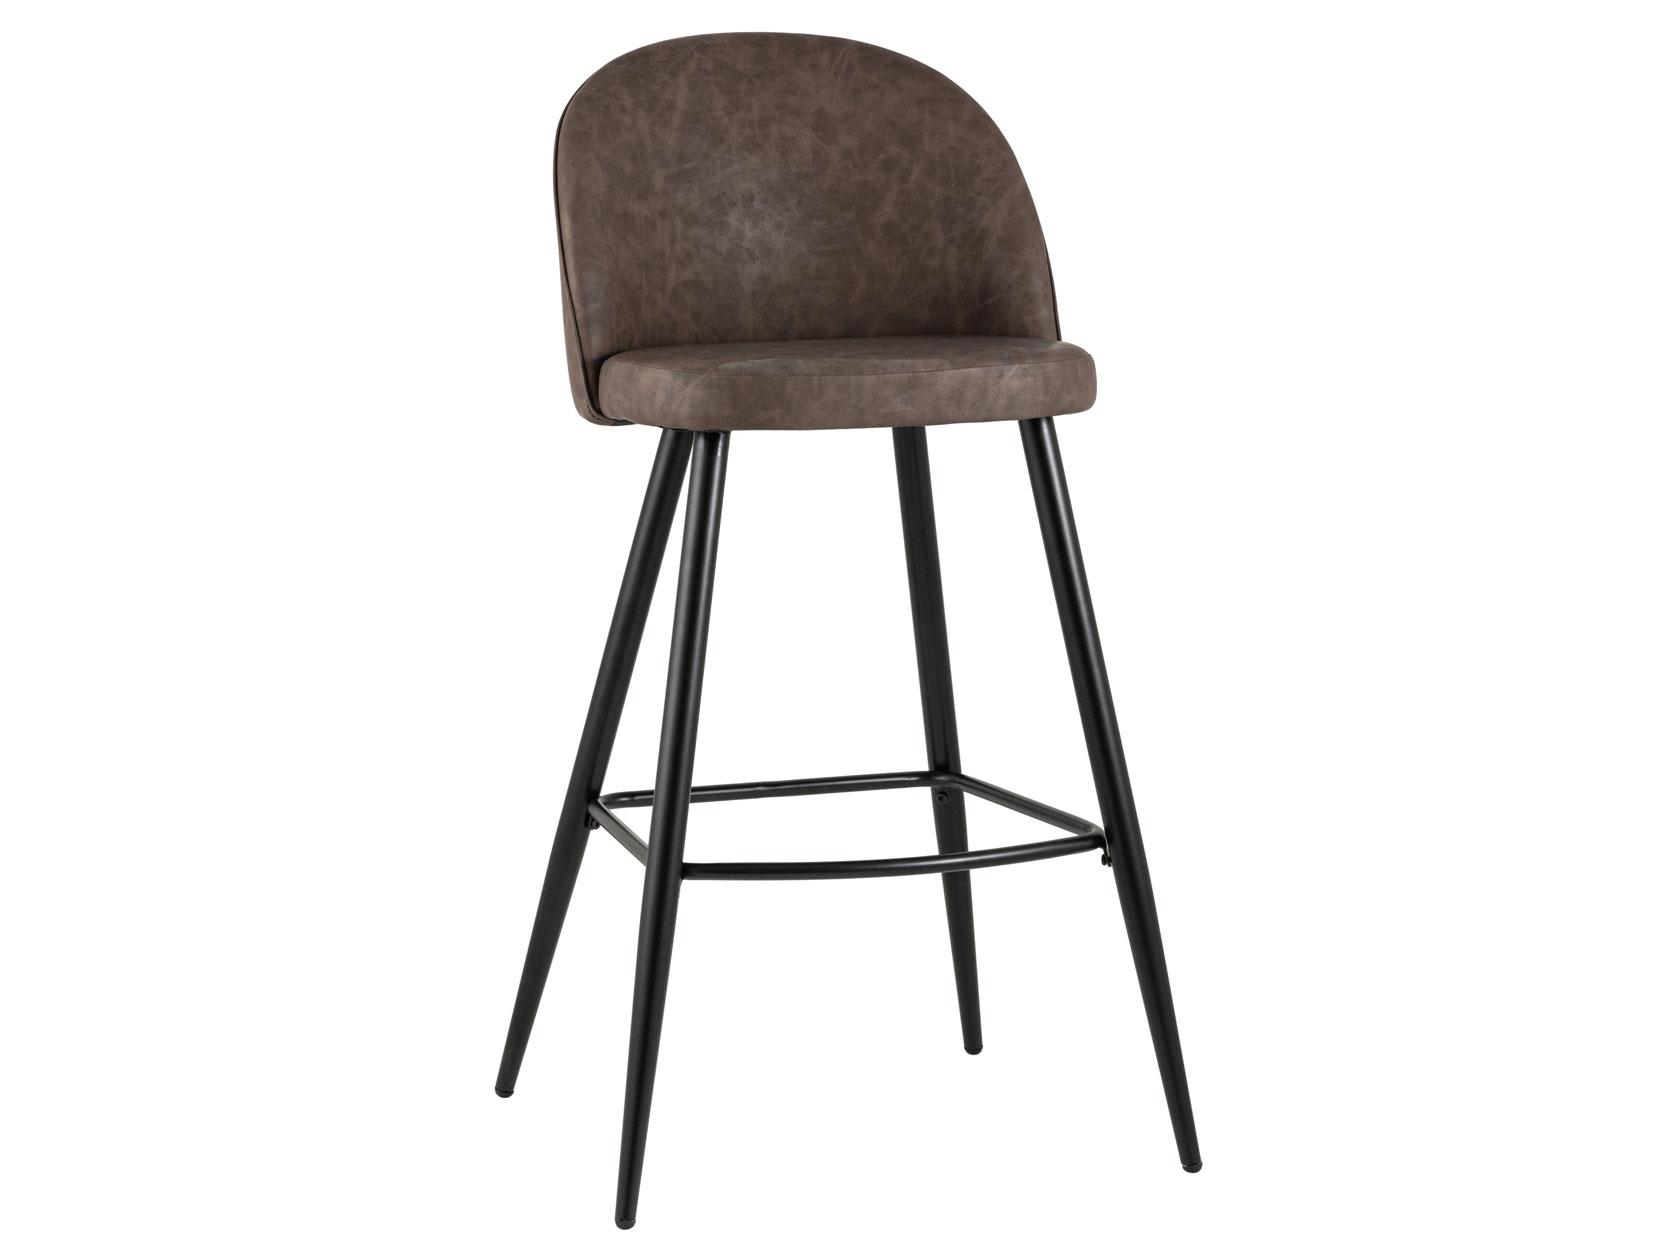 Барный стул Лион BC 99004 Коричневый, экокожа/Черный